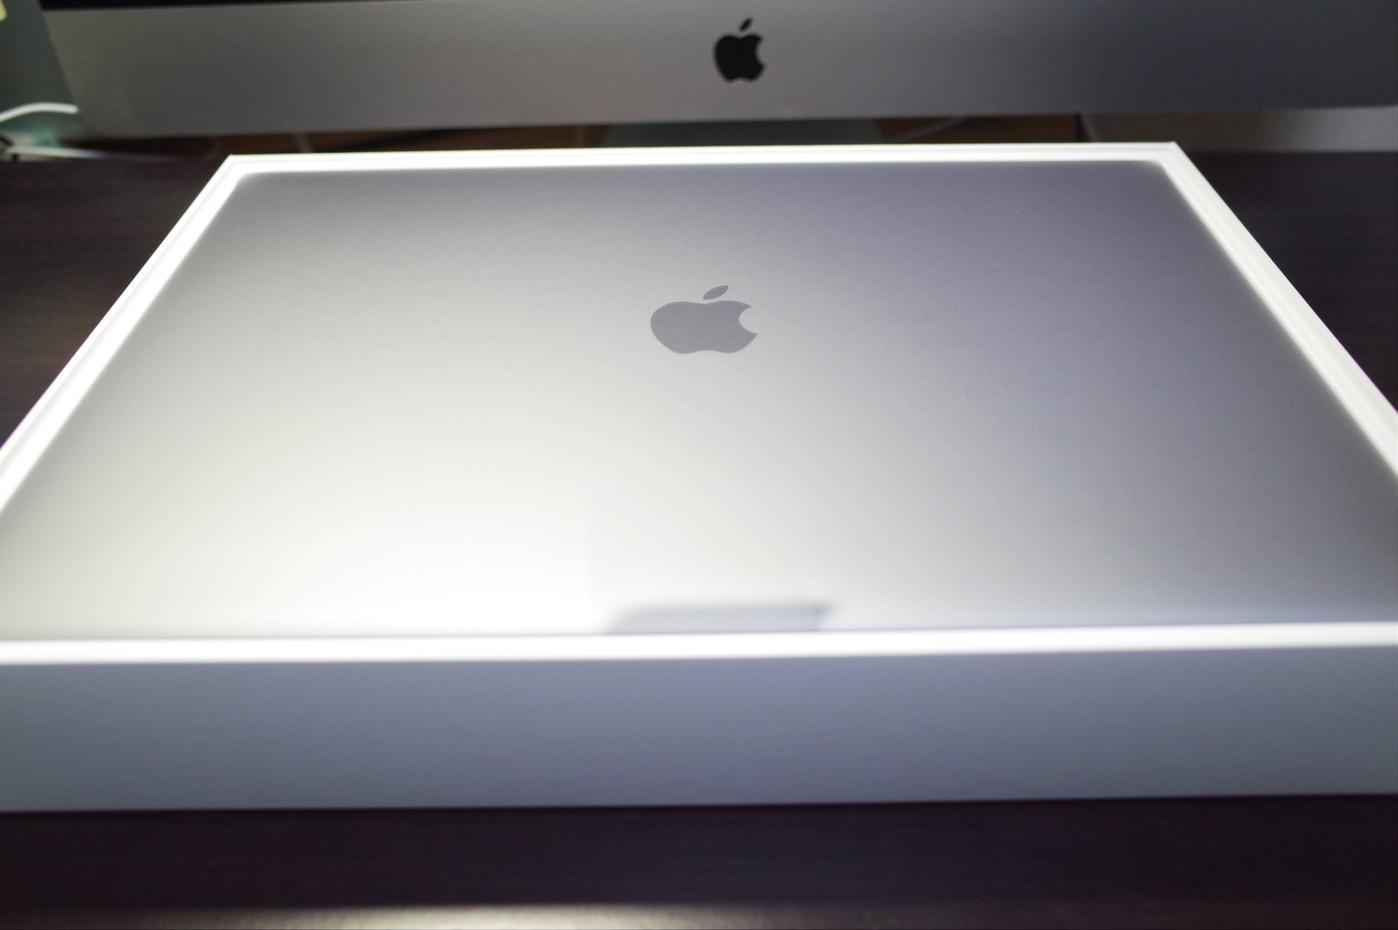 MacBook Pro-5